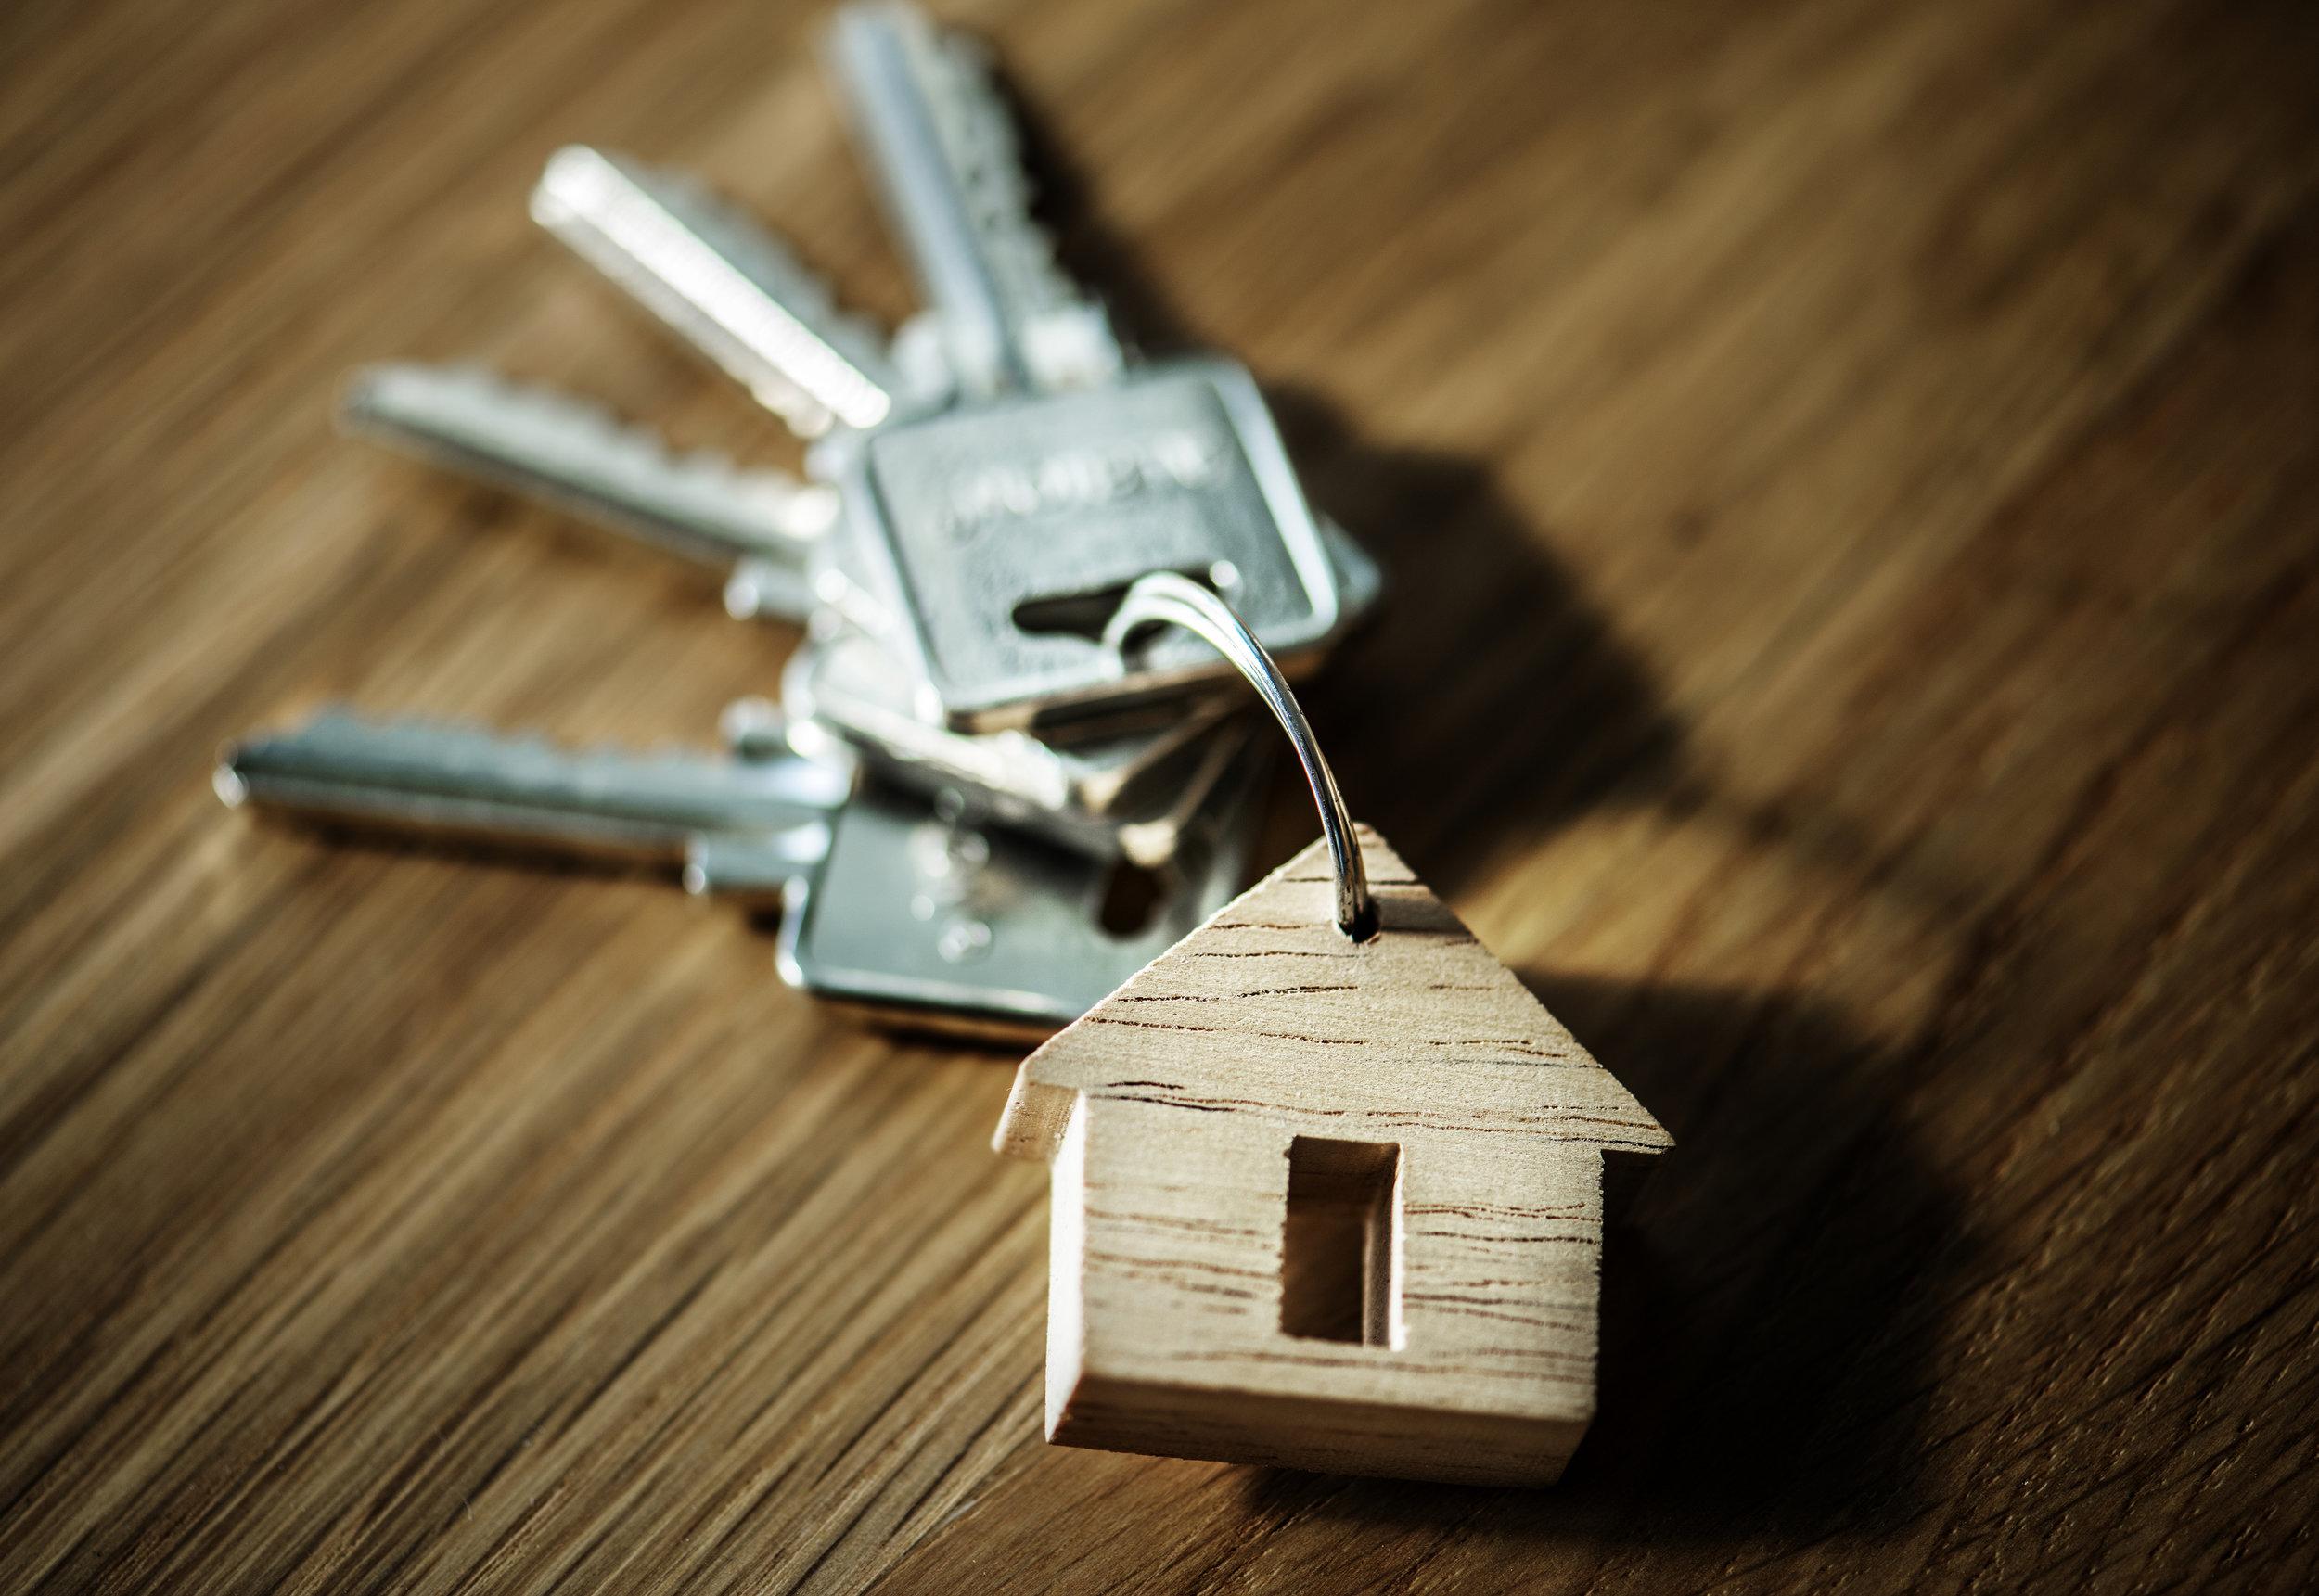 The keys to a house.